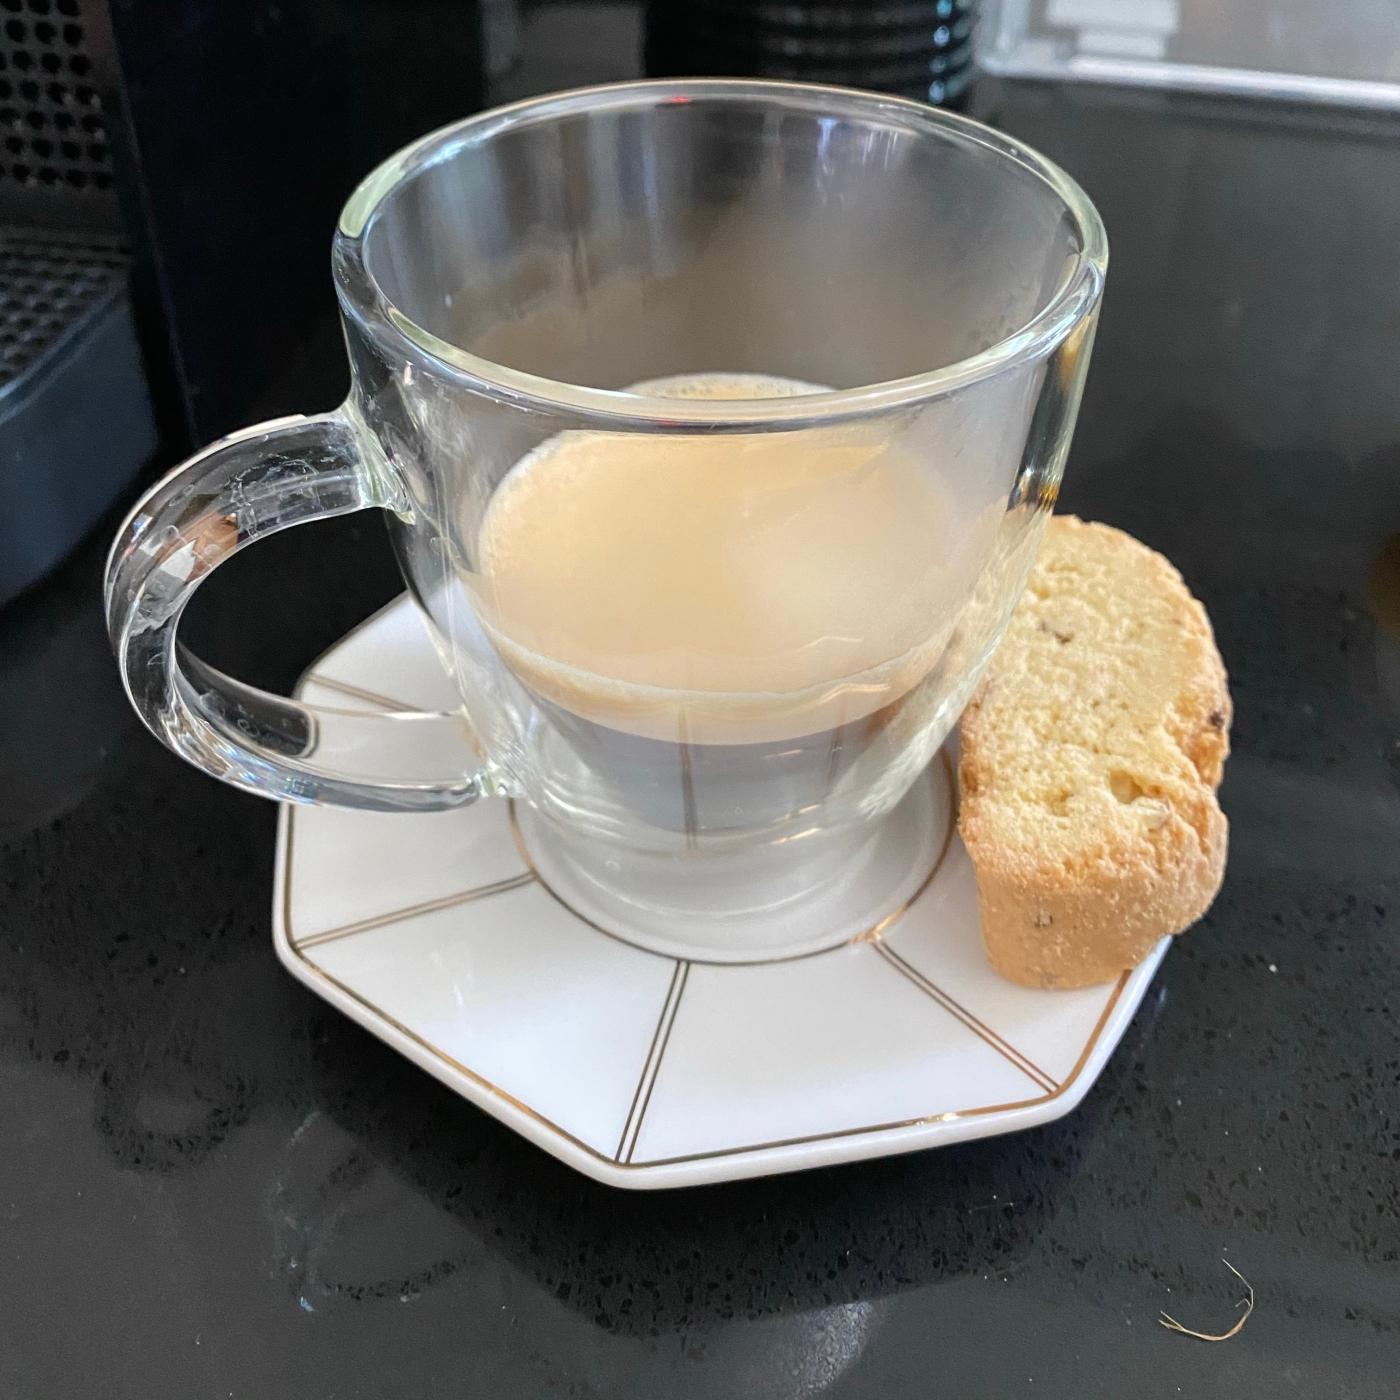 nespresso capsule and la dolce vita biscotti